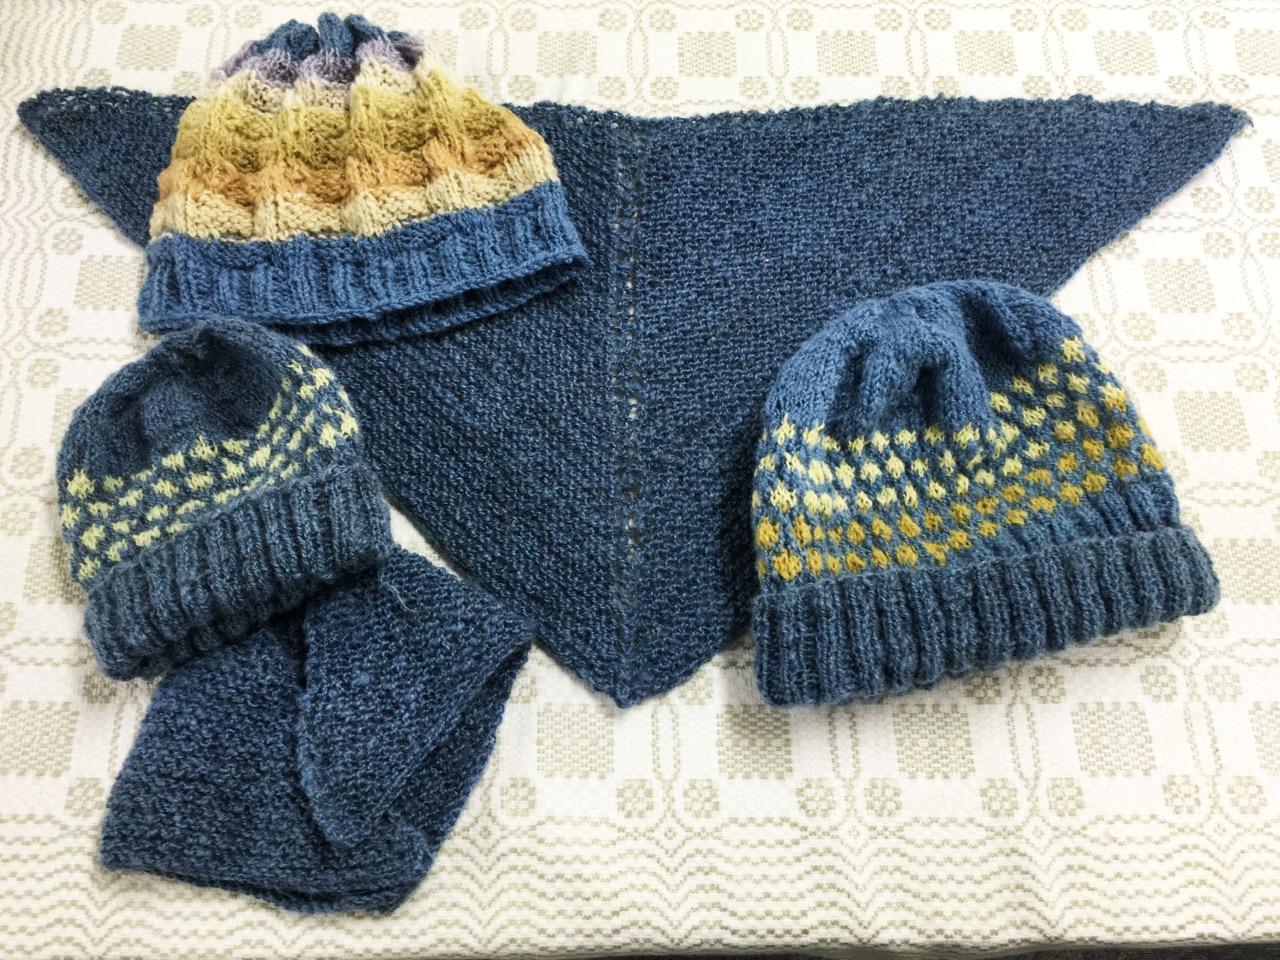 Knitting With Handspun : Knitting with handspun清瀬 タリフさんの工房でのレッスン